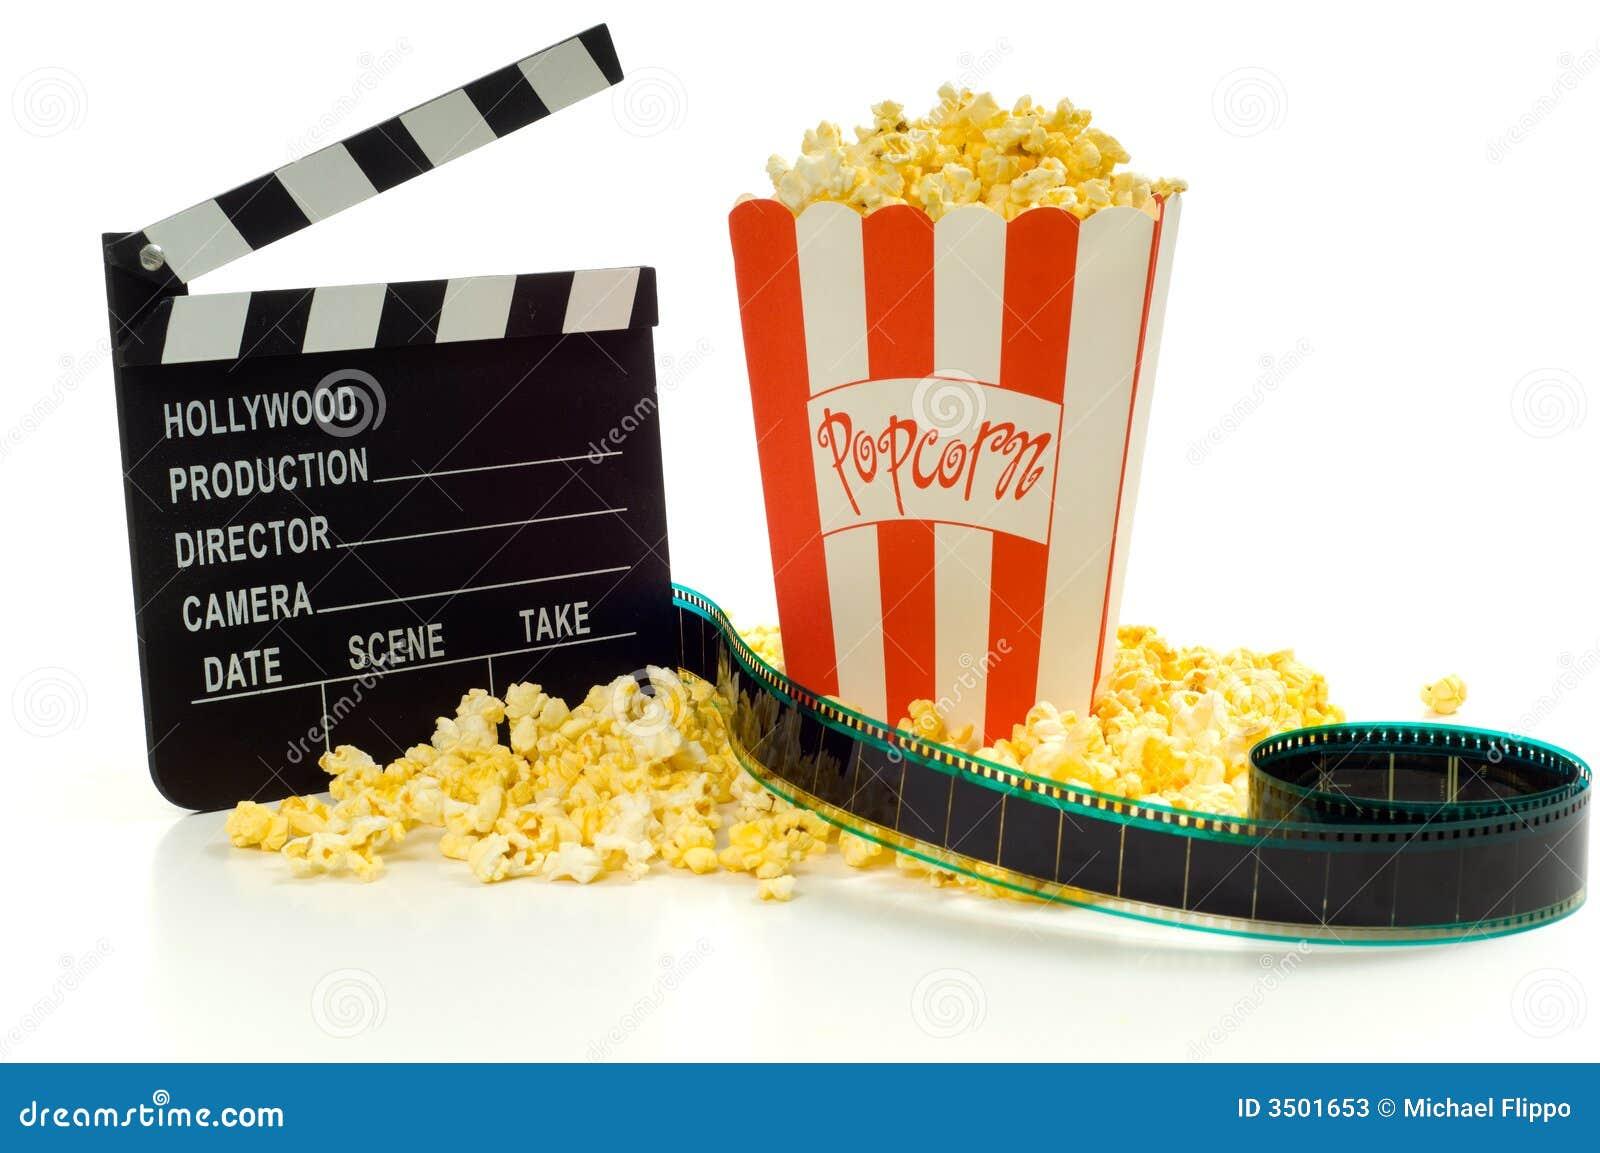 Filme, industria do ócio